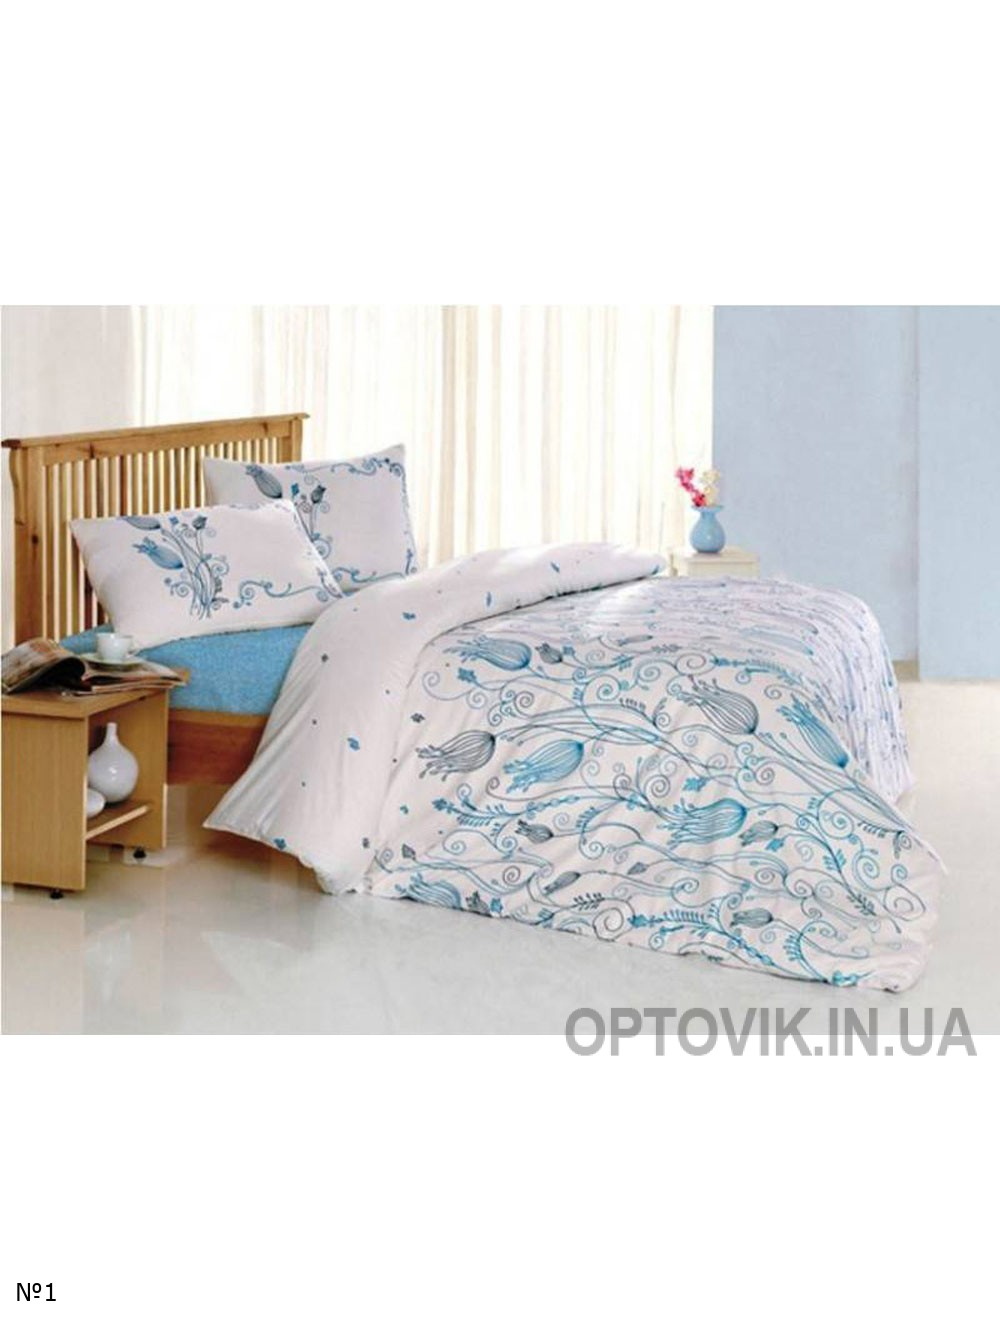 Комплект постельного белья ALTINBASAK №9287